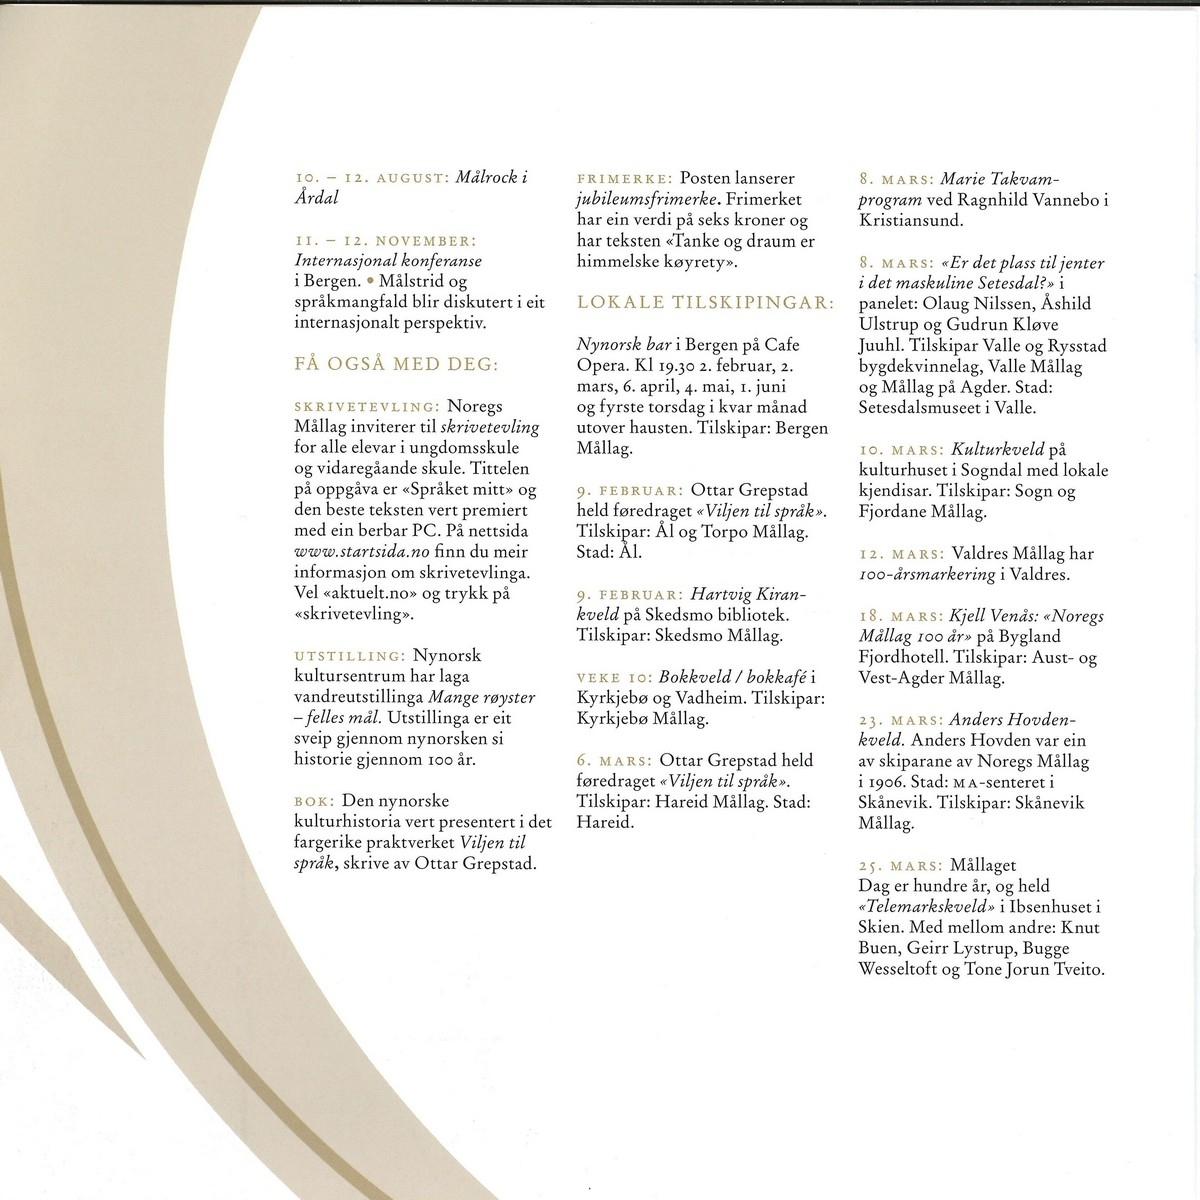 """Jubileumshefte på åtte sider for Noregs Mållag, med informasjon om korleis mållaget vart til, kvifor nynorsk er viktig, og om jubileumsåret 2006. På baksida står det fakta om Noregs Mållag, og ein innmeldingsslipp. Bladet er kvadratisk forma, og det er stifta saman. Om skipinga i 1906 står det skrive: """"På slutten av målstemna, i eittida natt til 5. februar, vart så Norigs maallag skipa til stor jubel etter framlegg frå bladstyrar i Gula Tidend, Johannes Lavik, leiaren for målfolket vestafjells. Professor Marius Hægstad vart fyrste formann."""" Vidare står det: """"Gjennom hundre år har Noregs Mållag vore ei drivkraft i å gjere nynorsk til bruksspråk på alle samfunnsområde. Saker som mållaget har arbeidd med, spenner frå skipinga av offentlege landsgymnas (1916) og nynorskopplæring på alle nivå i utdanningssystemet gjennom oppnorsking av stadnamn (som Kristiania - Oslo) og lov om målbruk i statstenesta (1930) til nynorsk i aviser, kringkasting og informasjonsteknologi."""" Noregs mållag hadde i 2006 10 300 medlemer og 170 lokallag.  Kjelde: """"Mange røyster - felles mål. Noregs Mållag 100 år."""""""